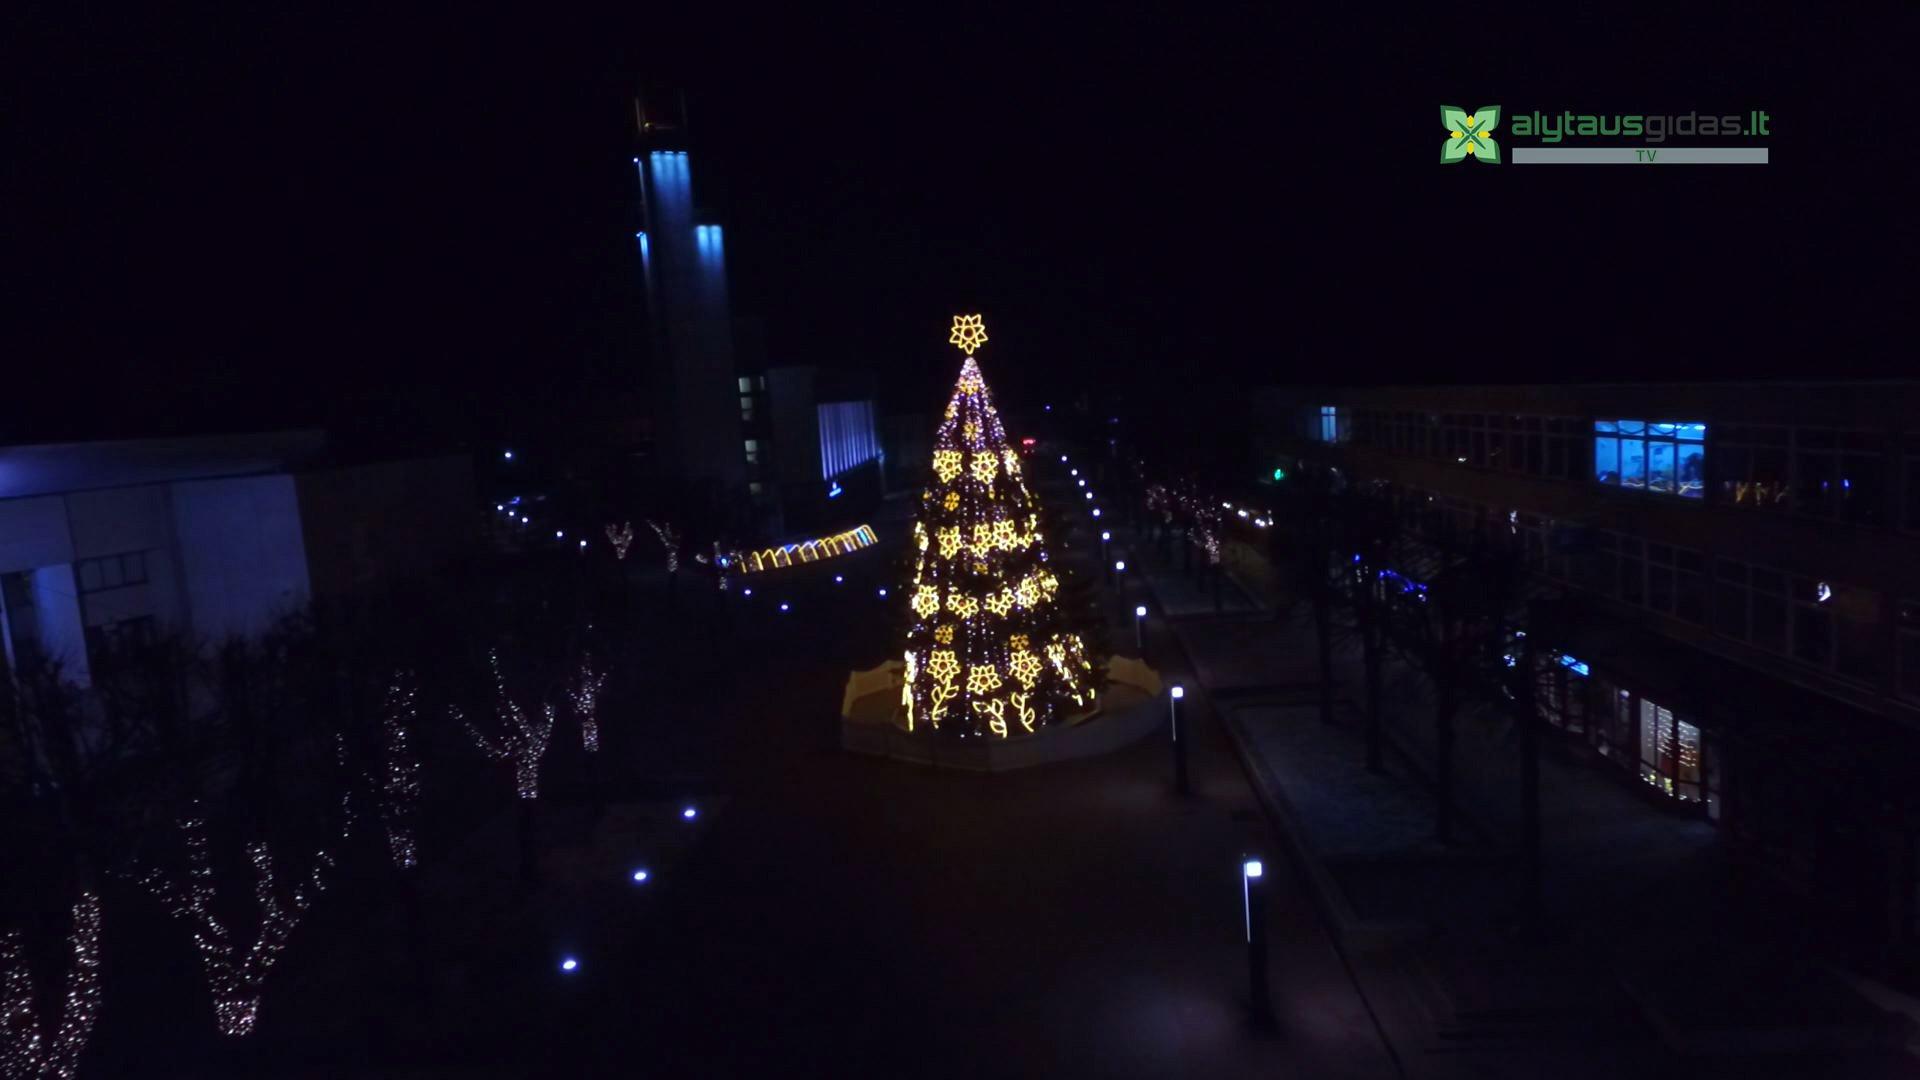 Palyginimui - 'normali' Alytaus Kalėdų eglė 2015 metais. Alytausgidas.lt TV nuotr.